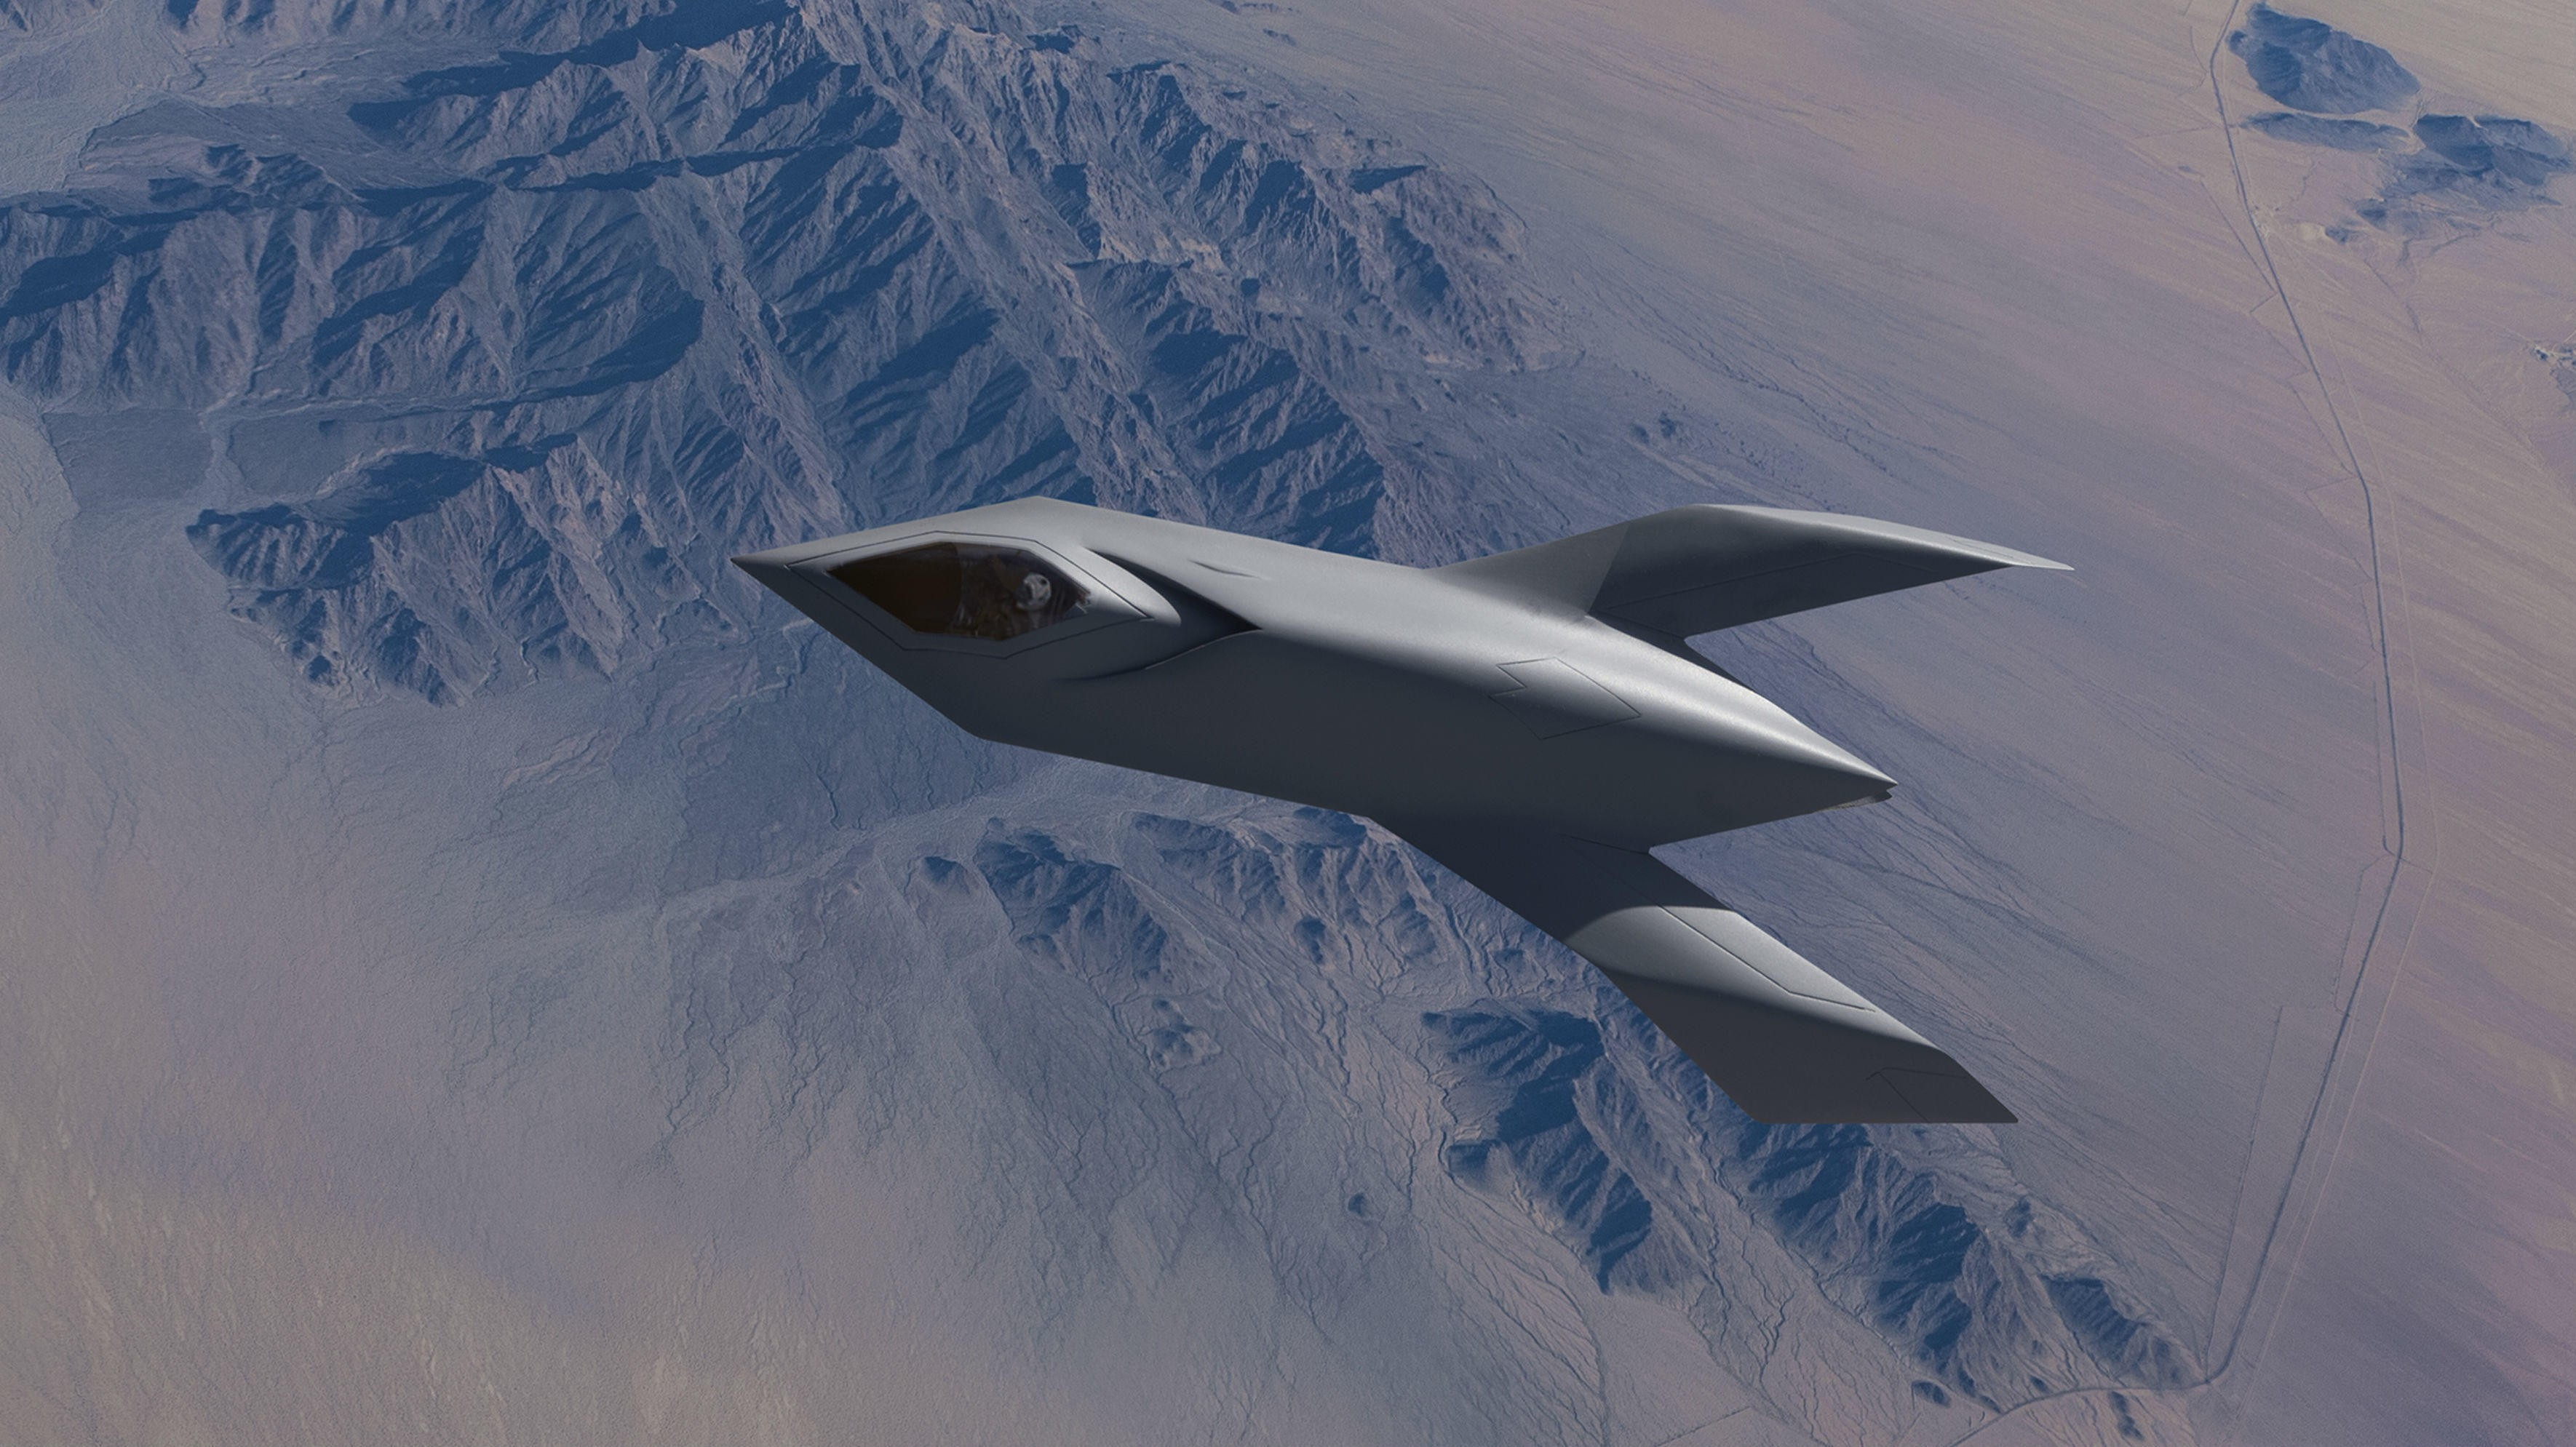 BIRD OF PREY: Boeings femtidsfly var i en årrekke unndratt offentligheten, men gjennomførte 38 testflygninger over Area 51. Da er det ikke rart det begynner å svirre rykter om UFO-er.